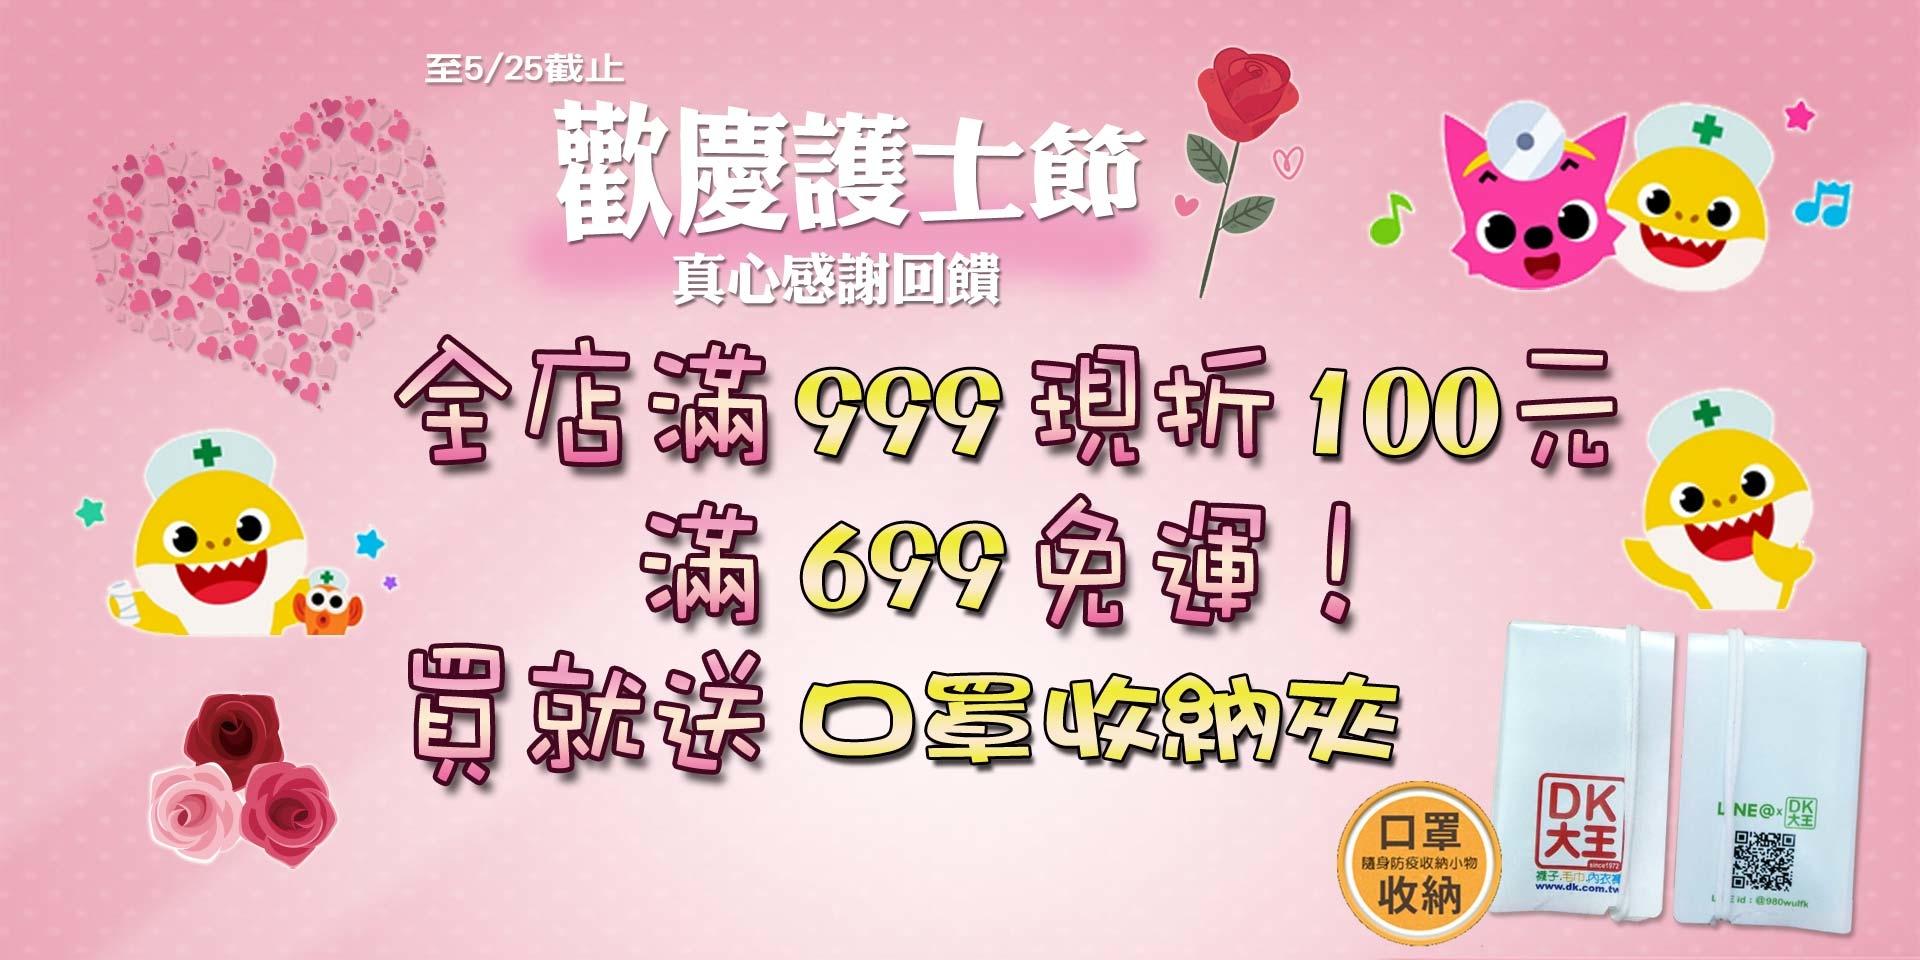 歡慶護士節~全店滿999現折100元!699免運!